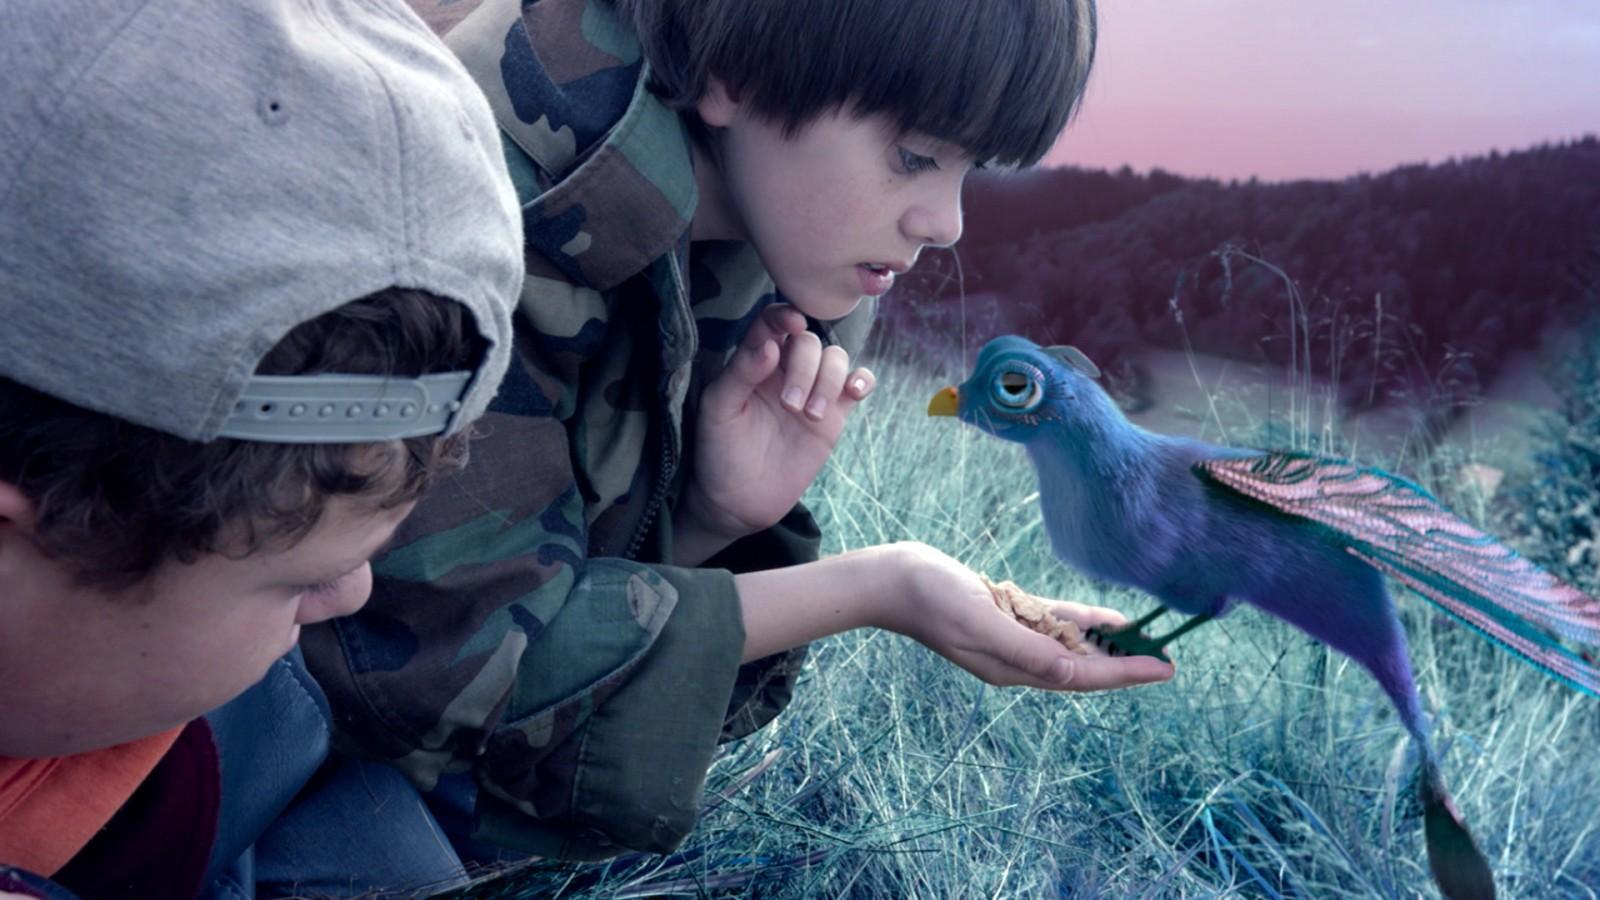 Film Mit Blauen Wesen